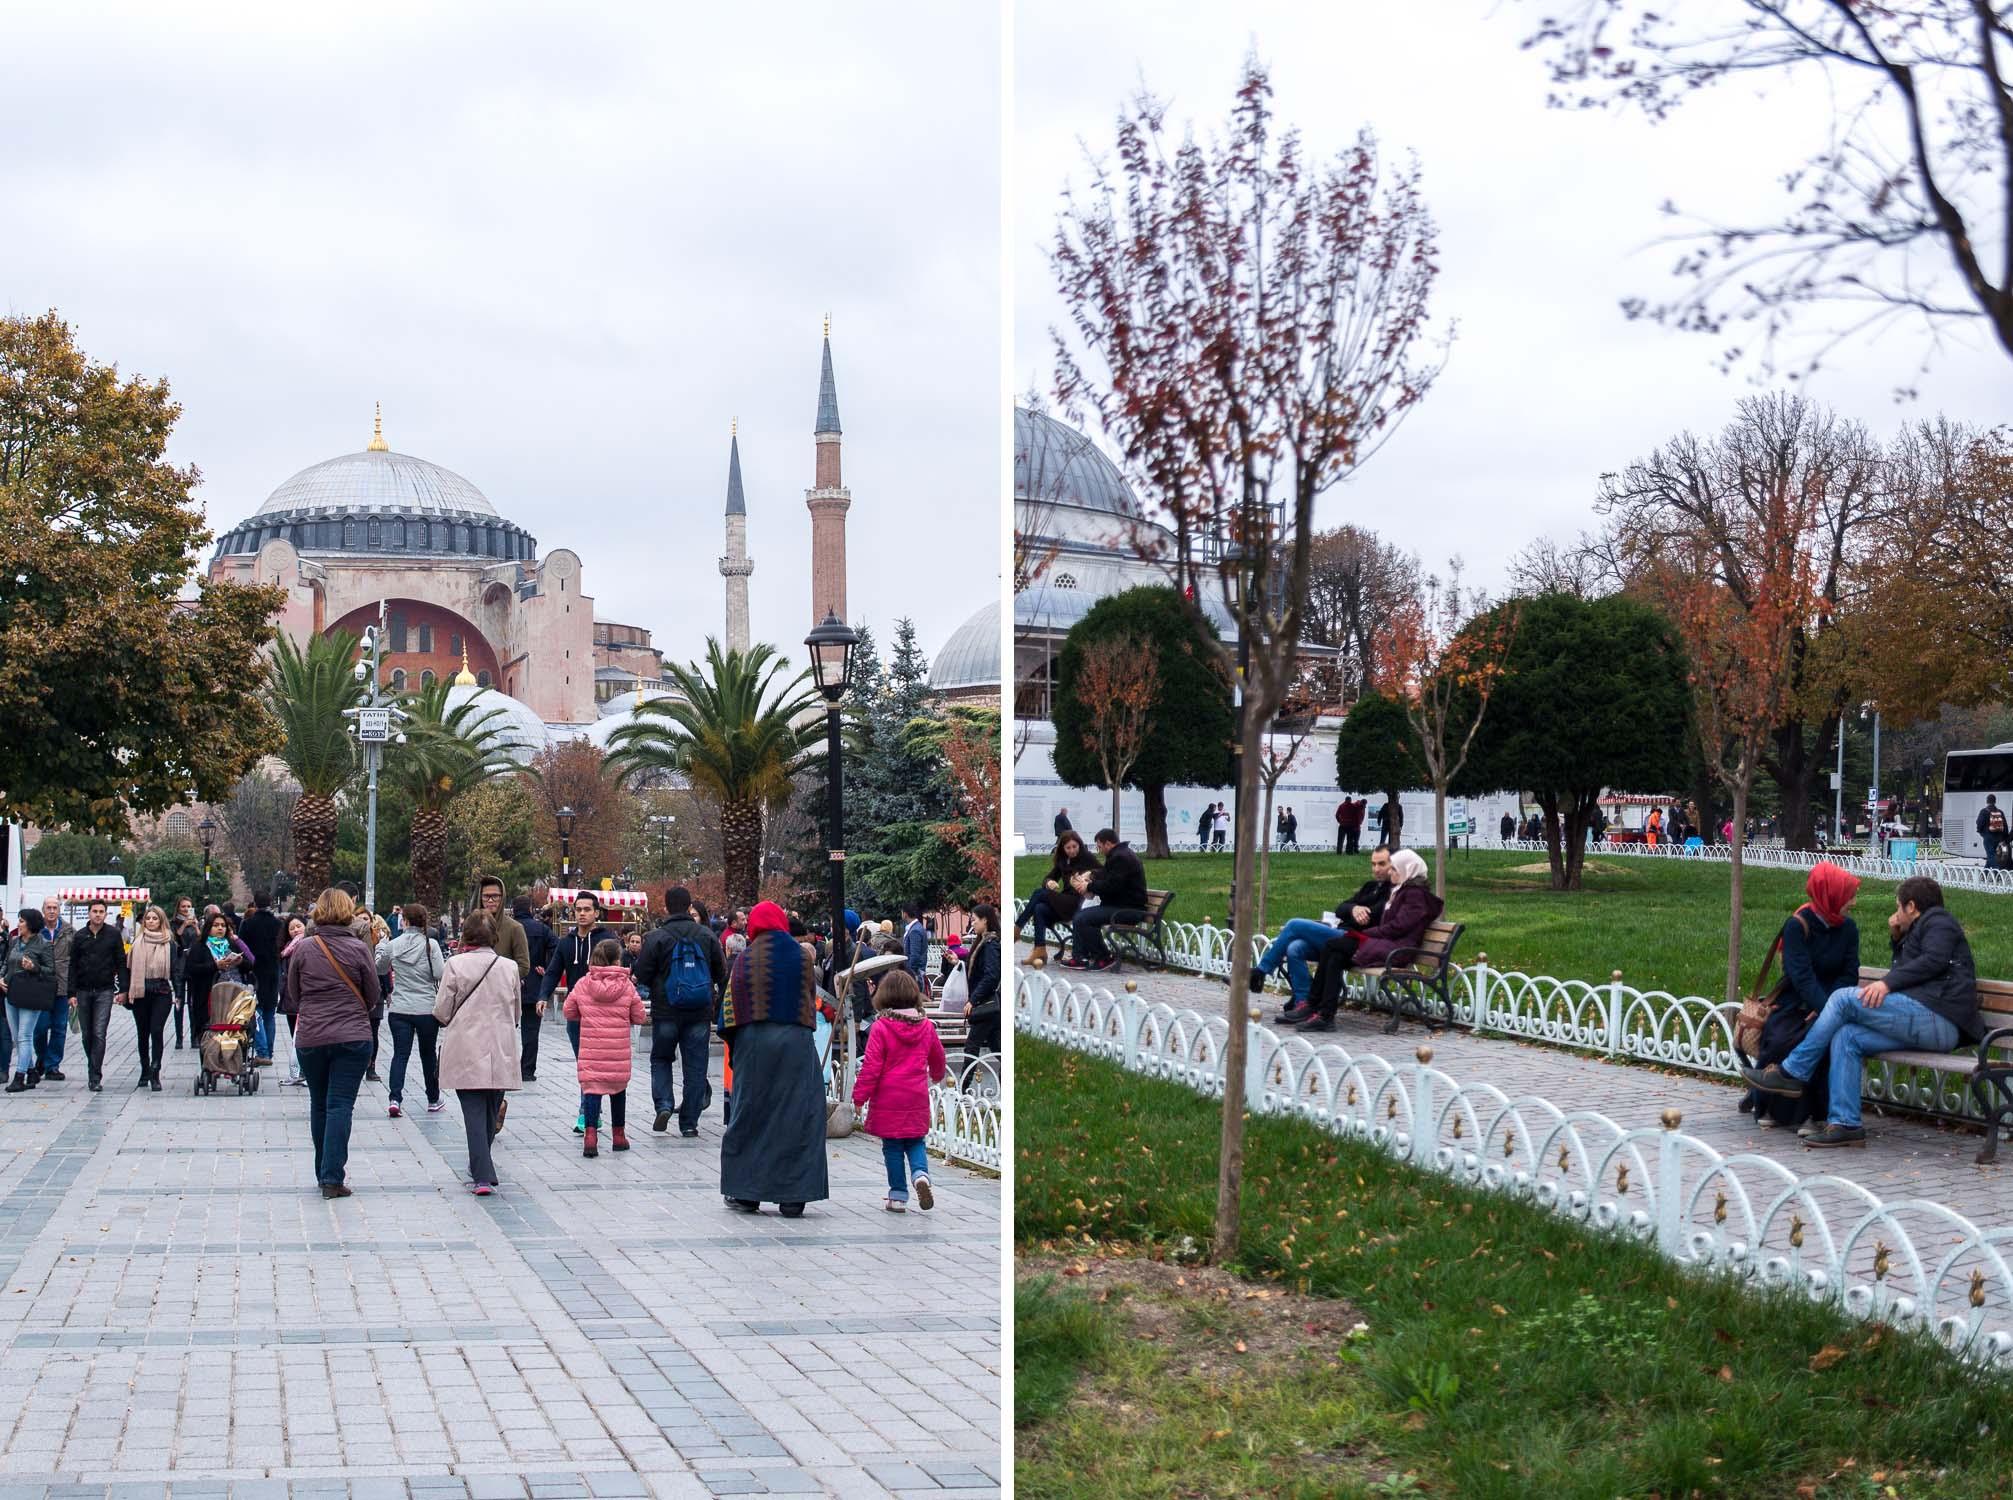 Hagia Sophia museum in Istanbul Turkey